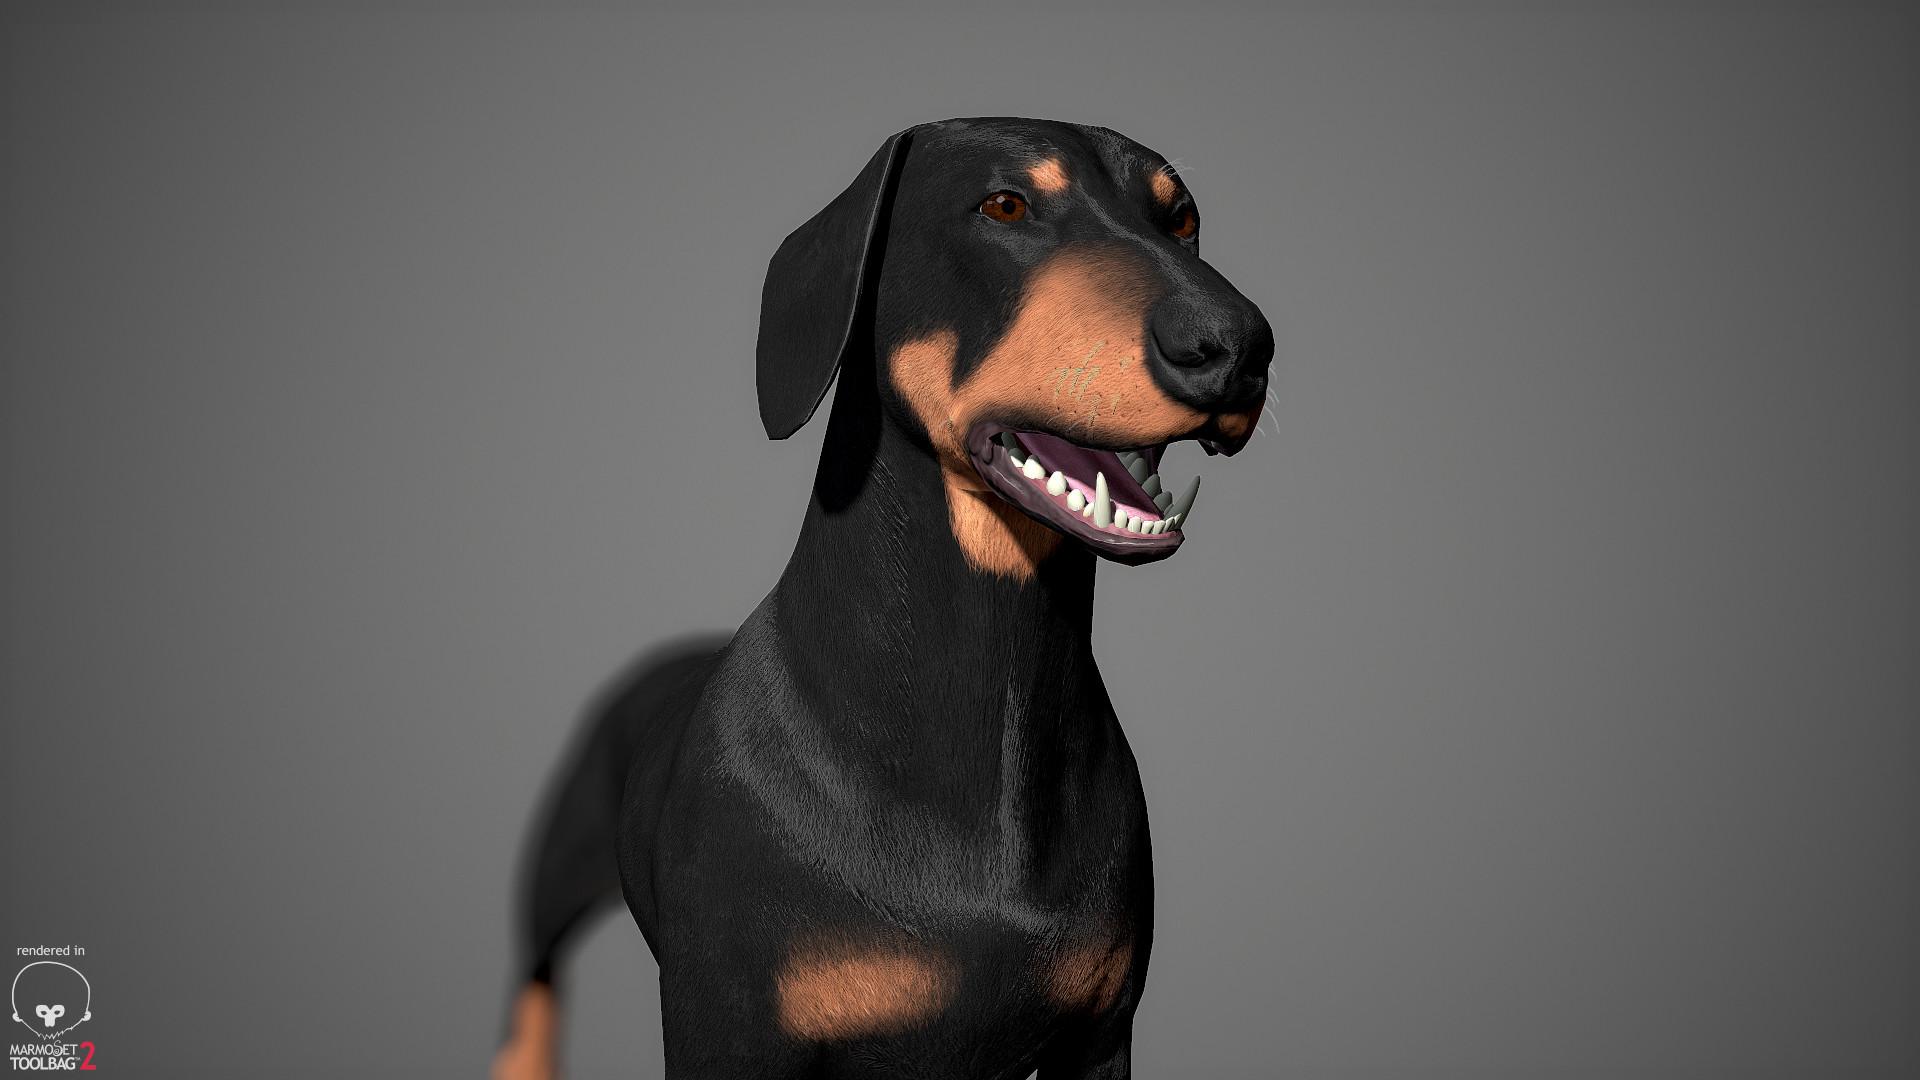 Alex lashko dachshund by alexlashko marmoset 16